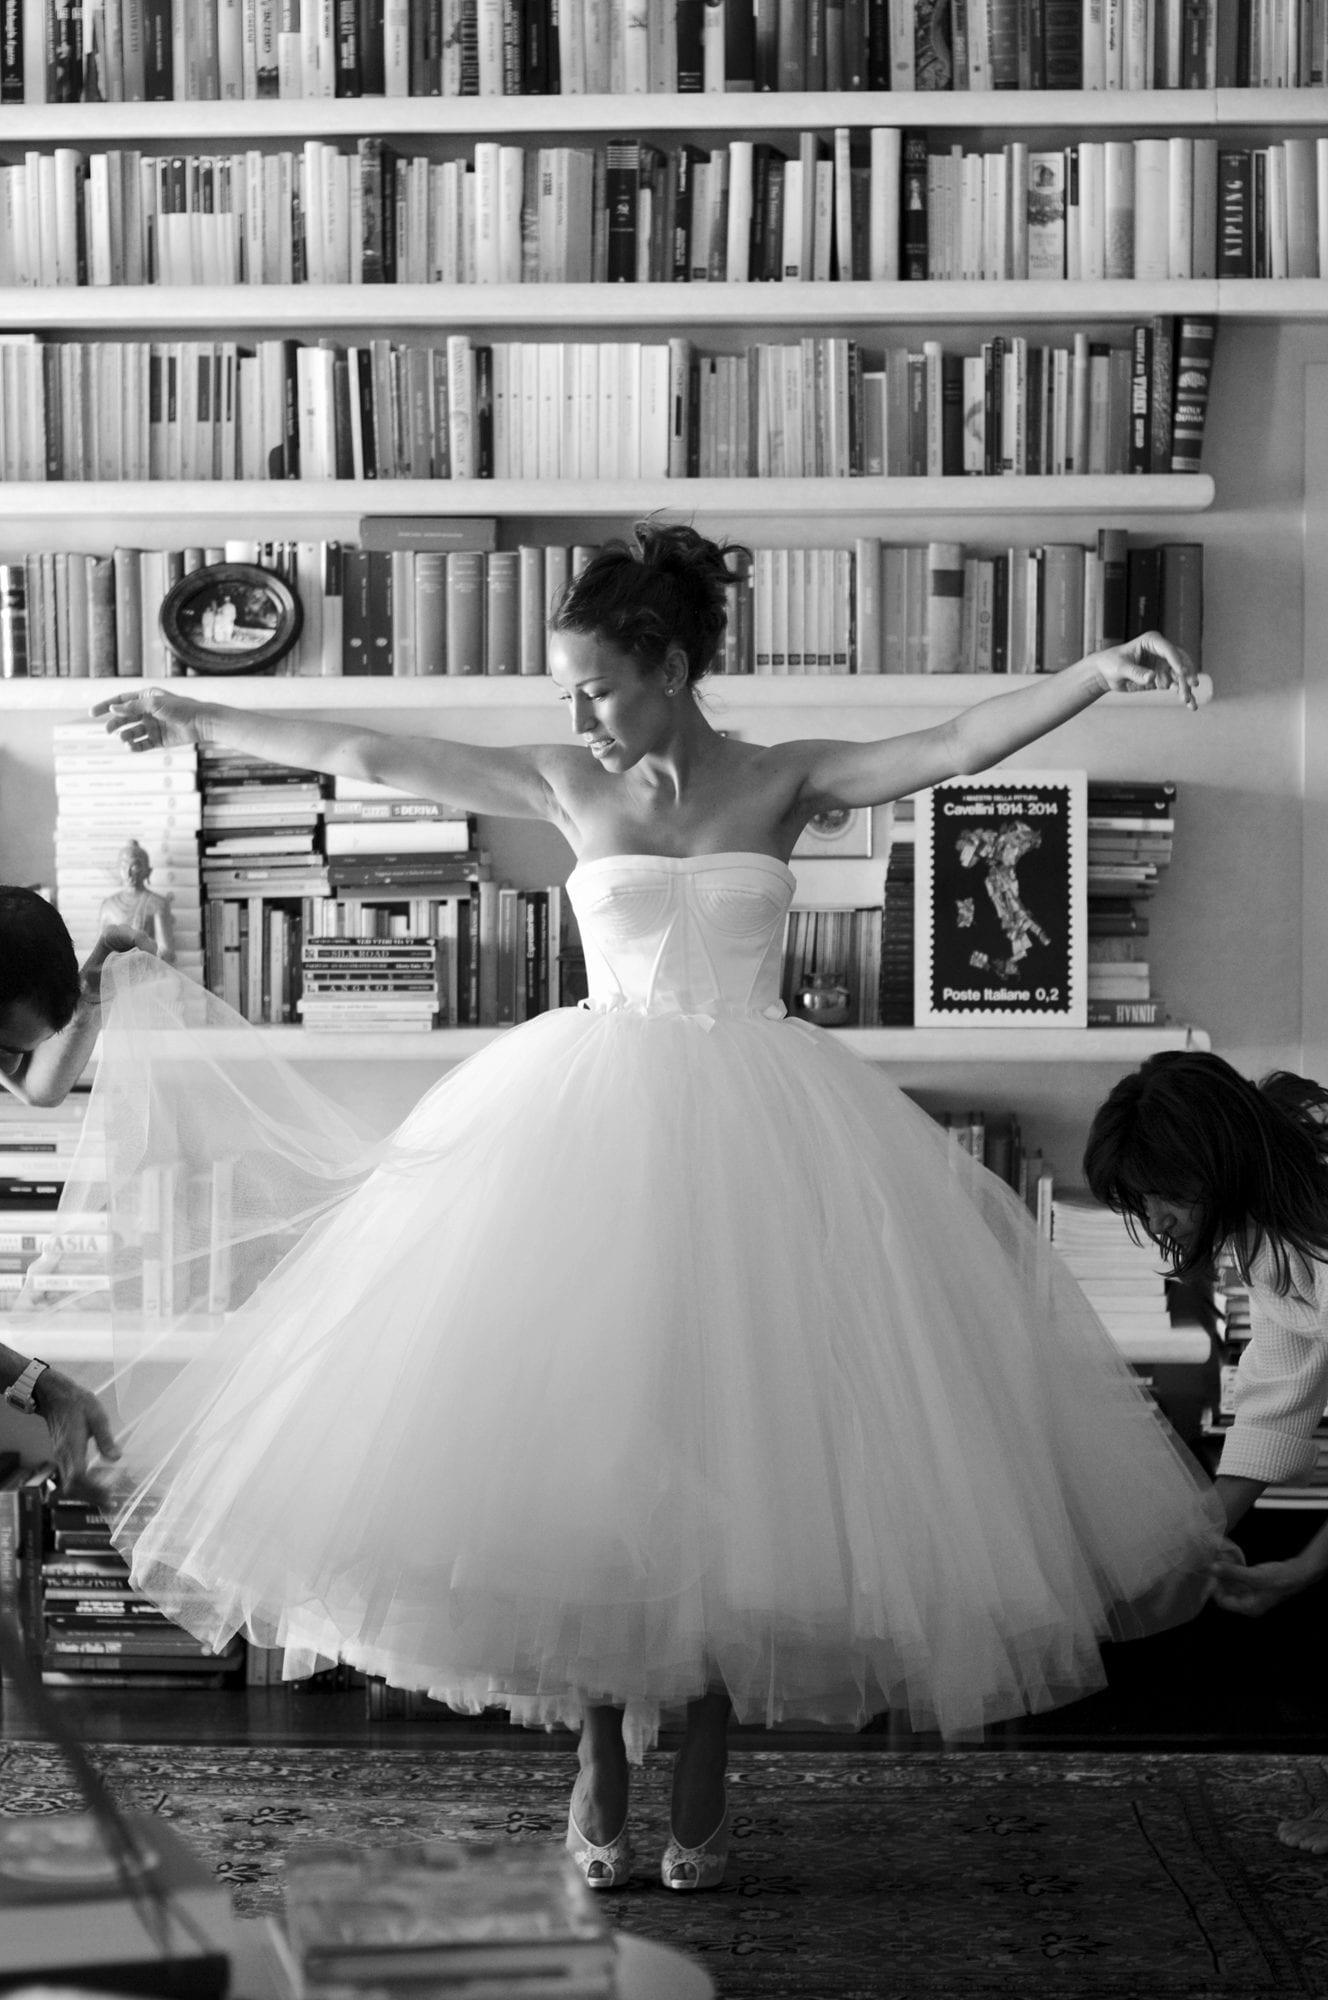 abito sposa Penelope sposa fotografia di veronica masserdotti